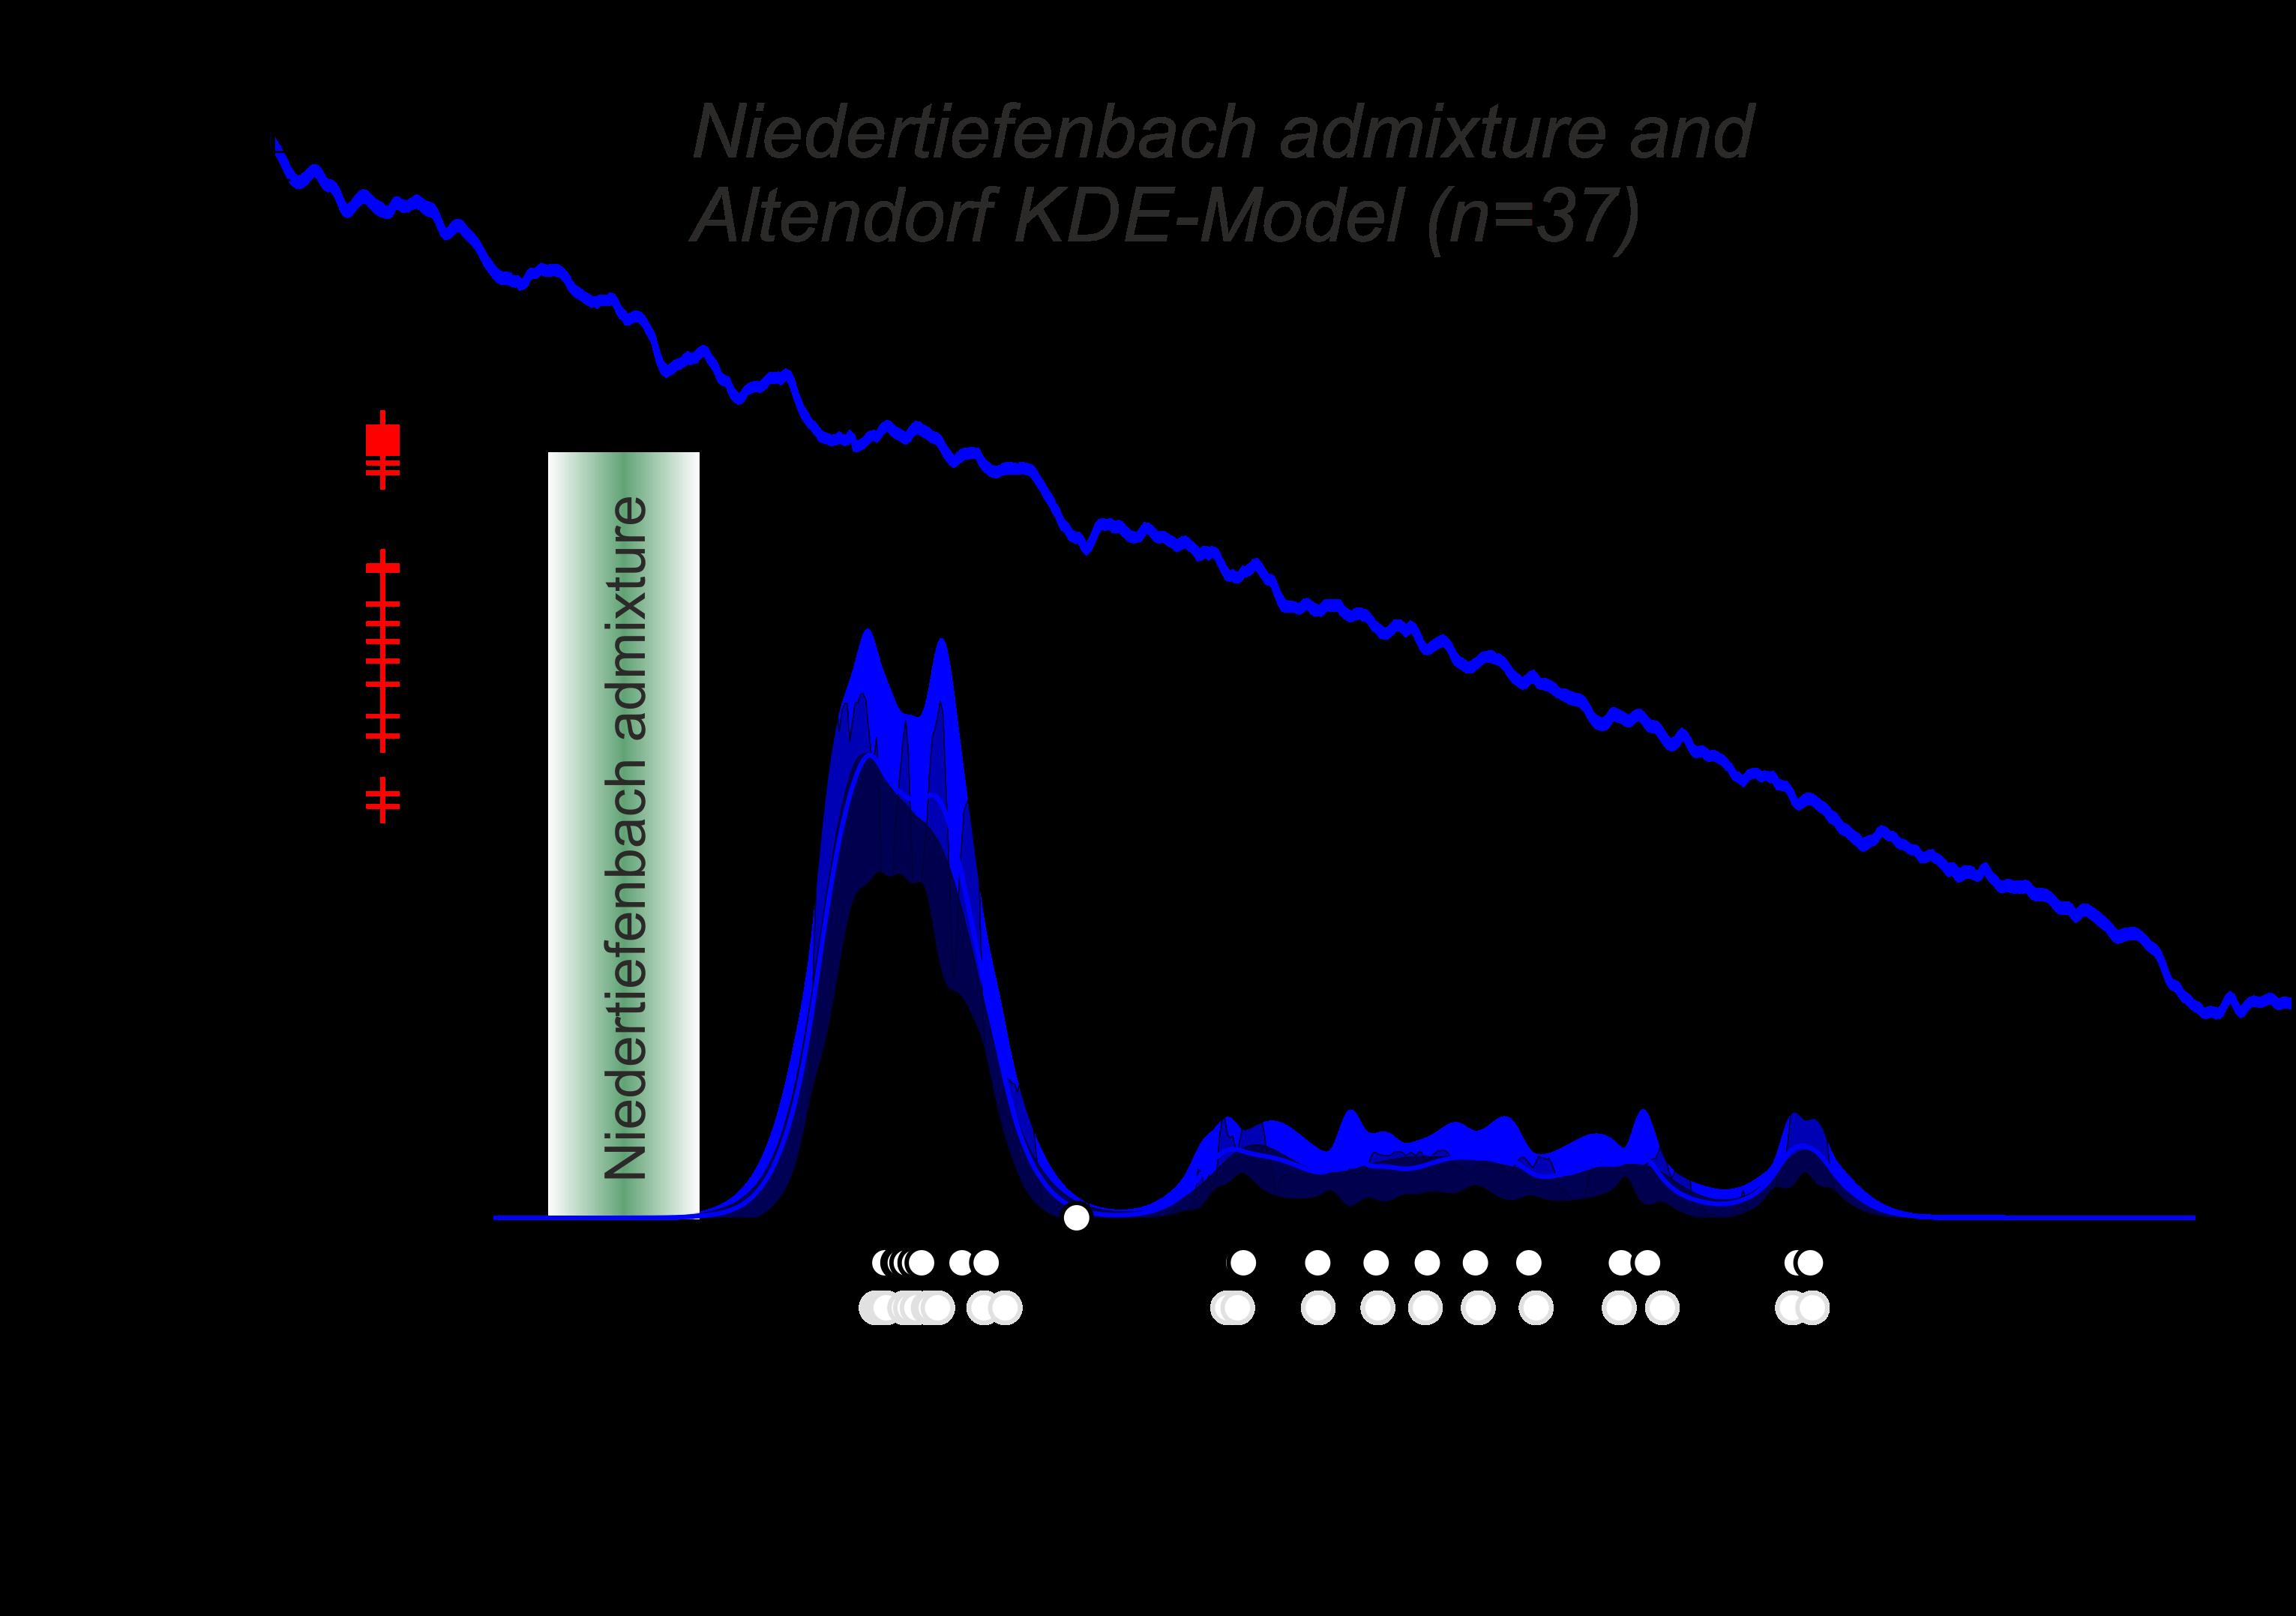 Datierungsmodell (KDE) für 37 Bestattungen aus dem Wartberg-Galeriegrab von Altendorf